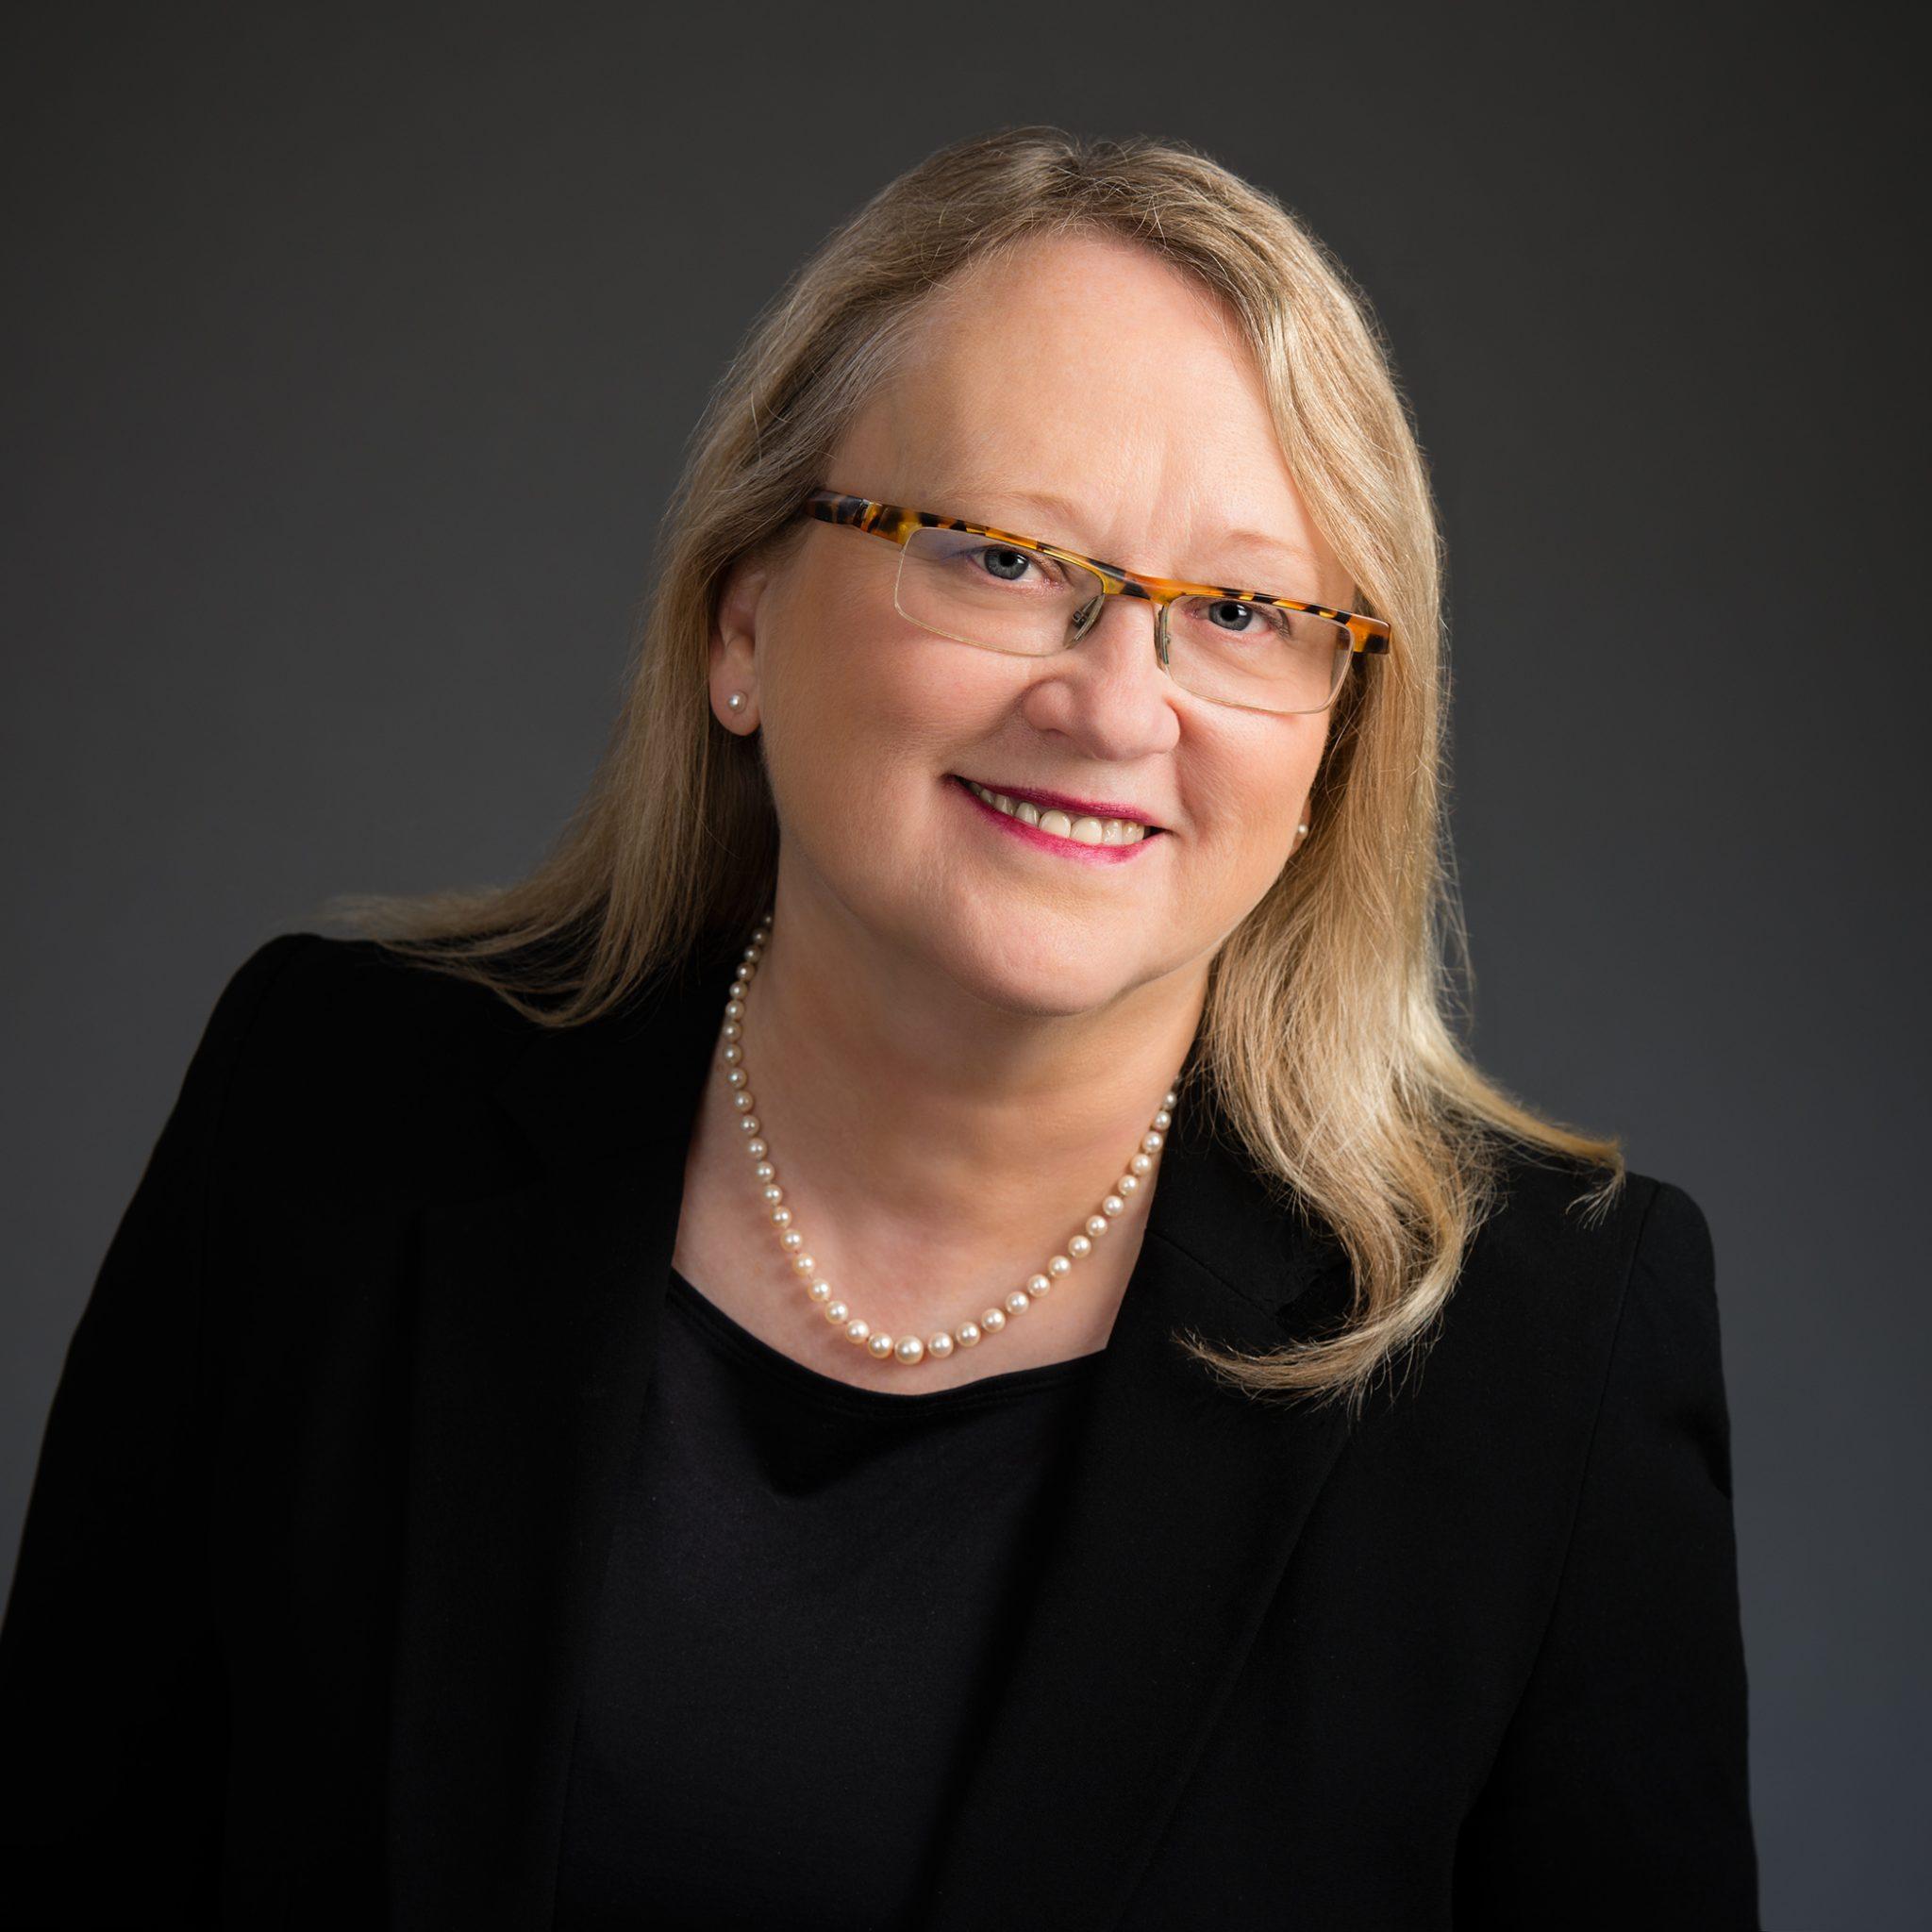 Déclaration de Valerie Creighton au sujet de changements à la direction du FMC